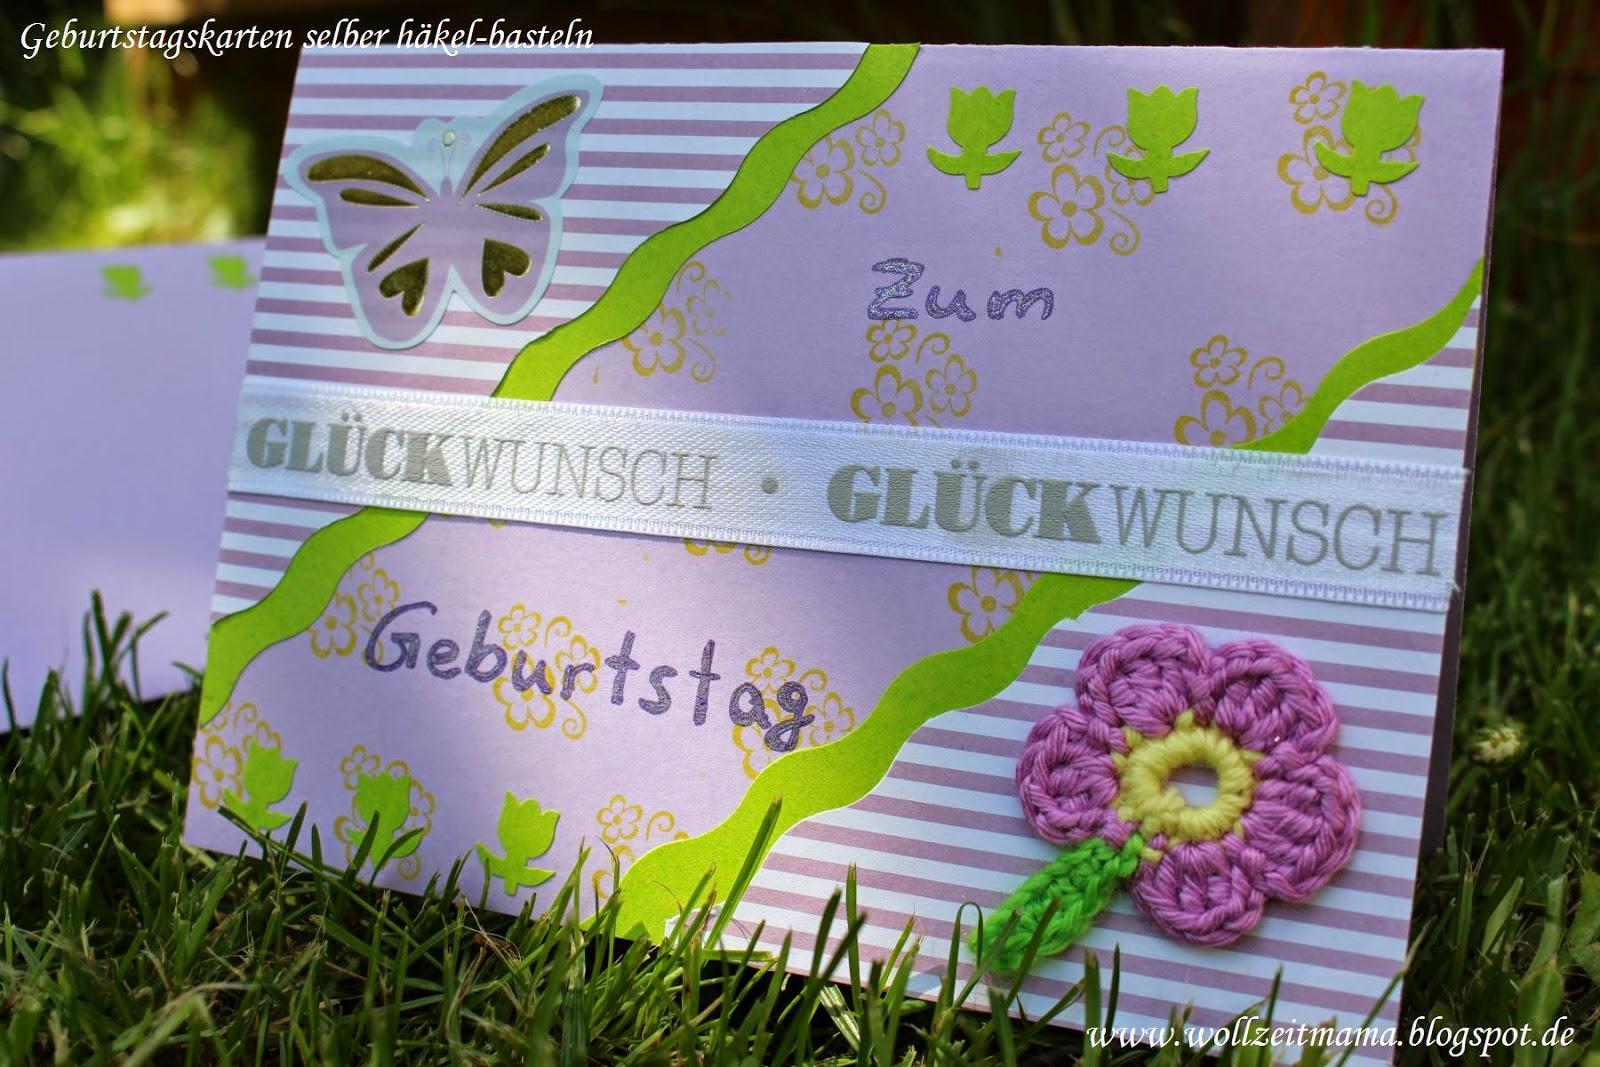 Geburtstagskarte selber basteln mit gehäkelter Blume